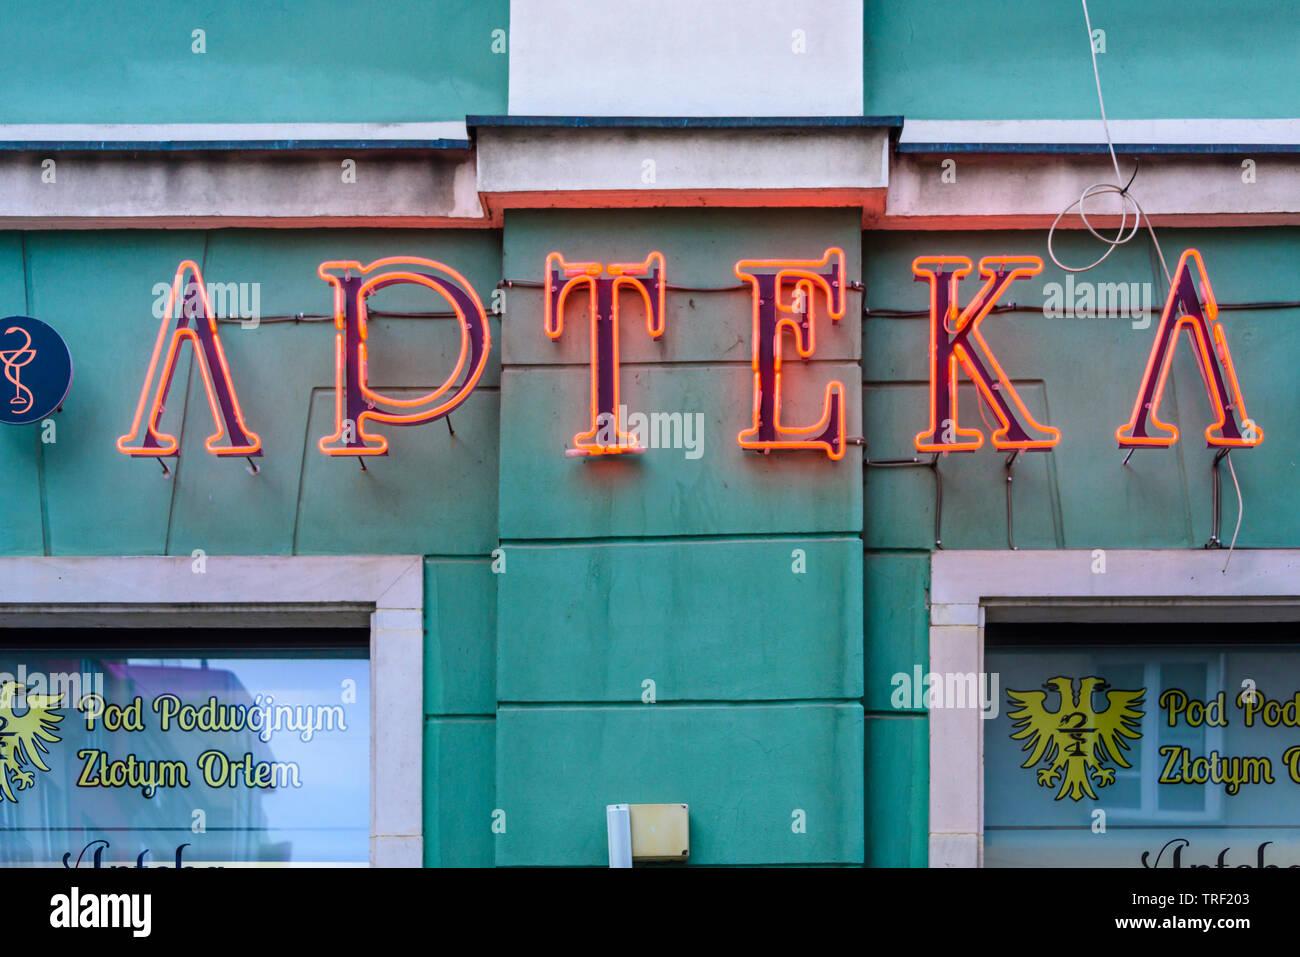 Neon sign saying 'Apteka' outside a pharmacy chemists shop, Wrocław, Wroclaw, Wroklaw, Poland - Stock Image